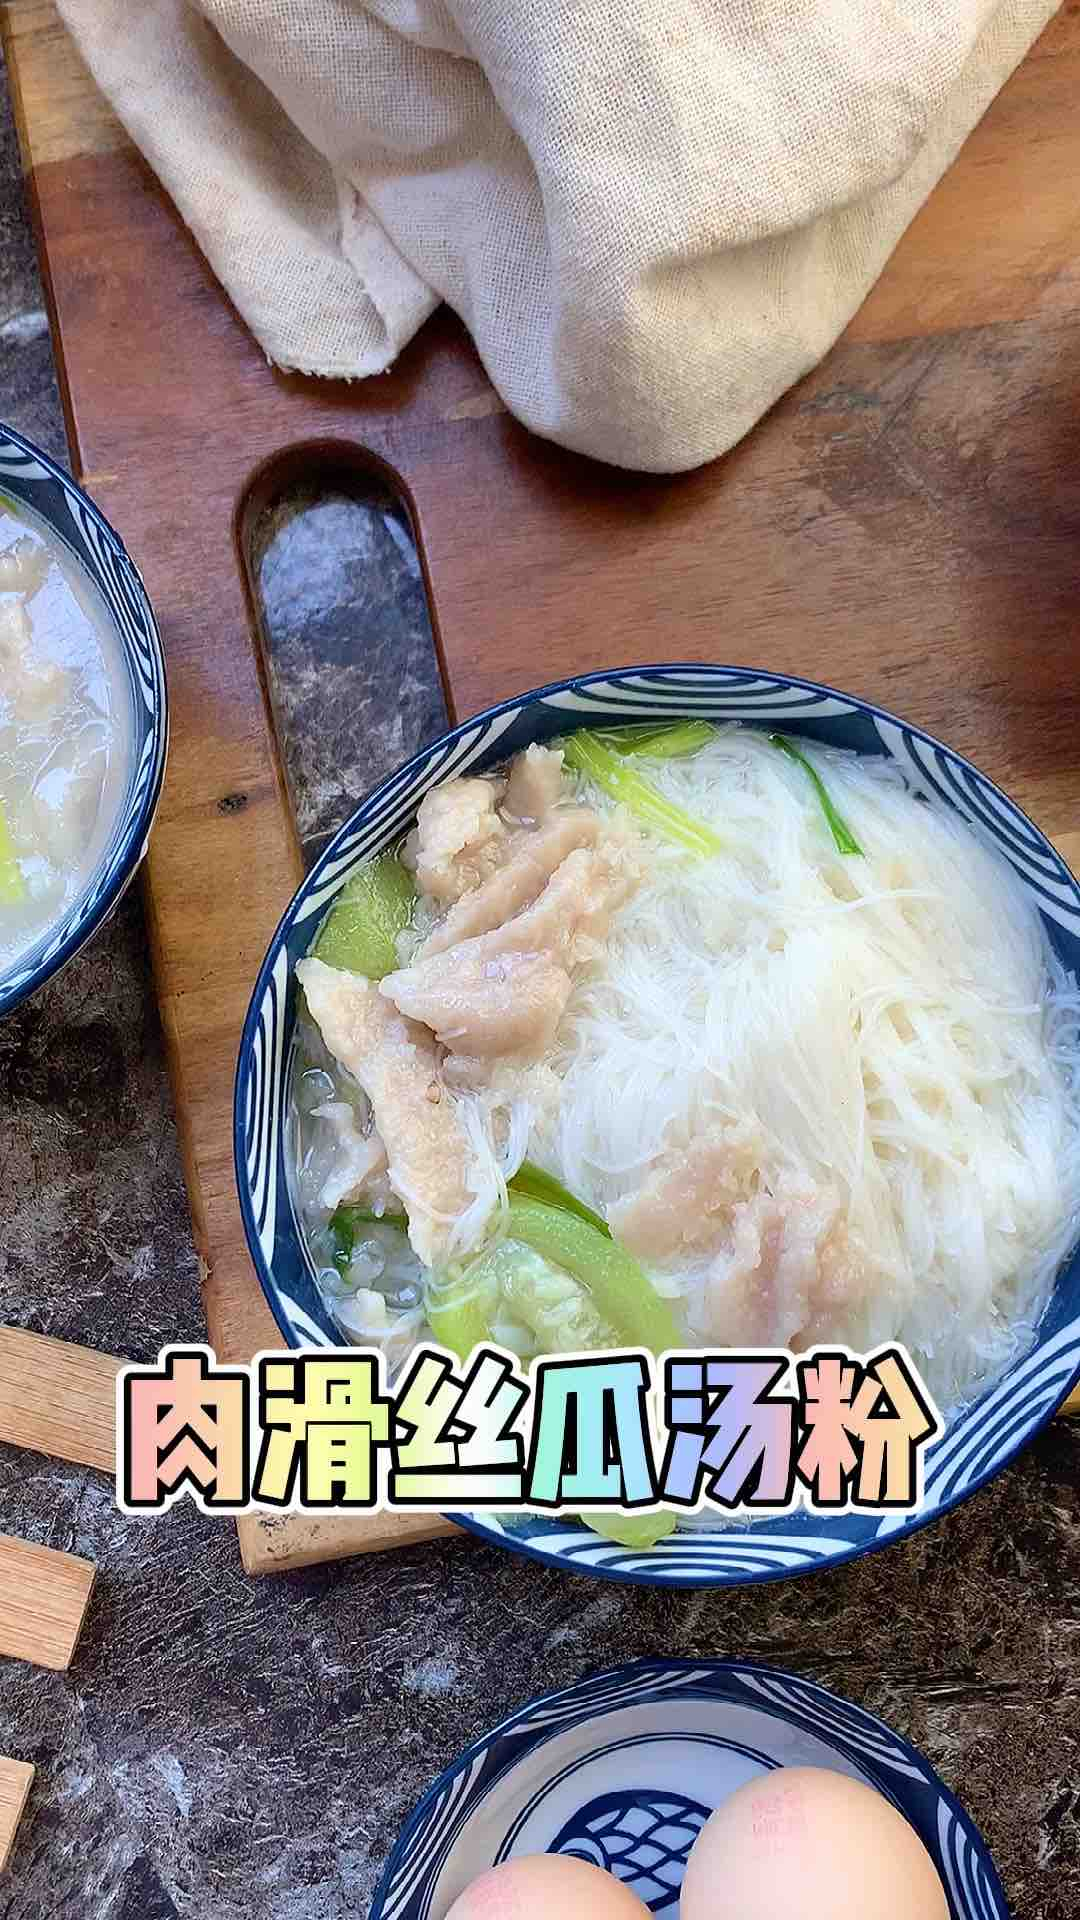 肉滑丝瓜汤粉